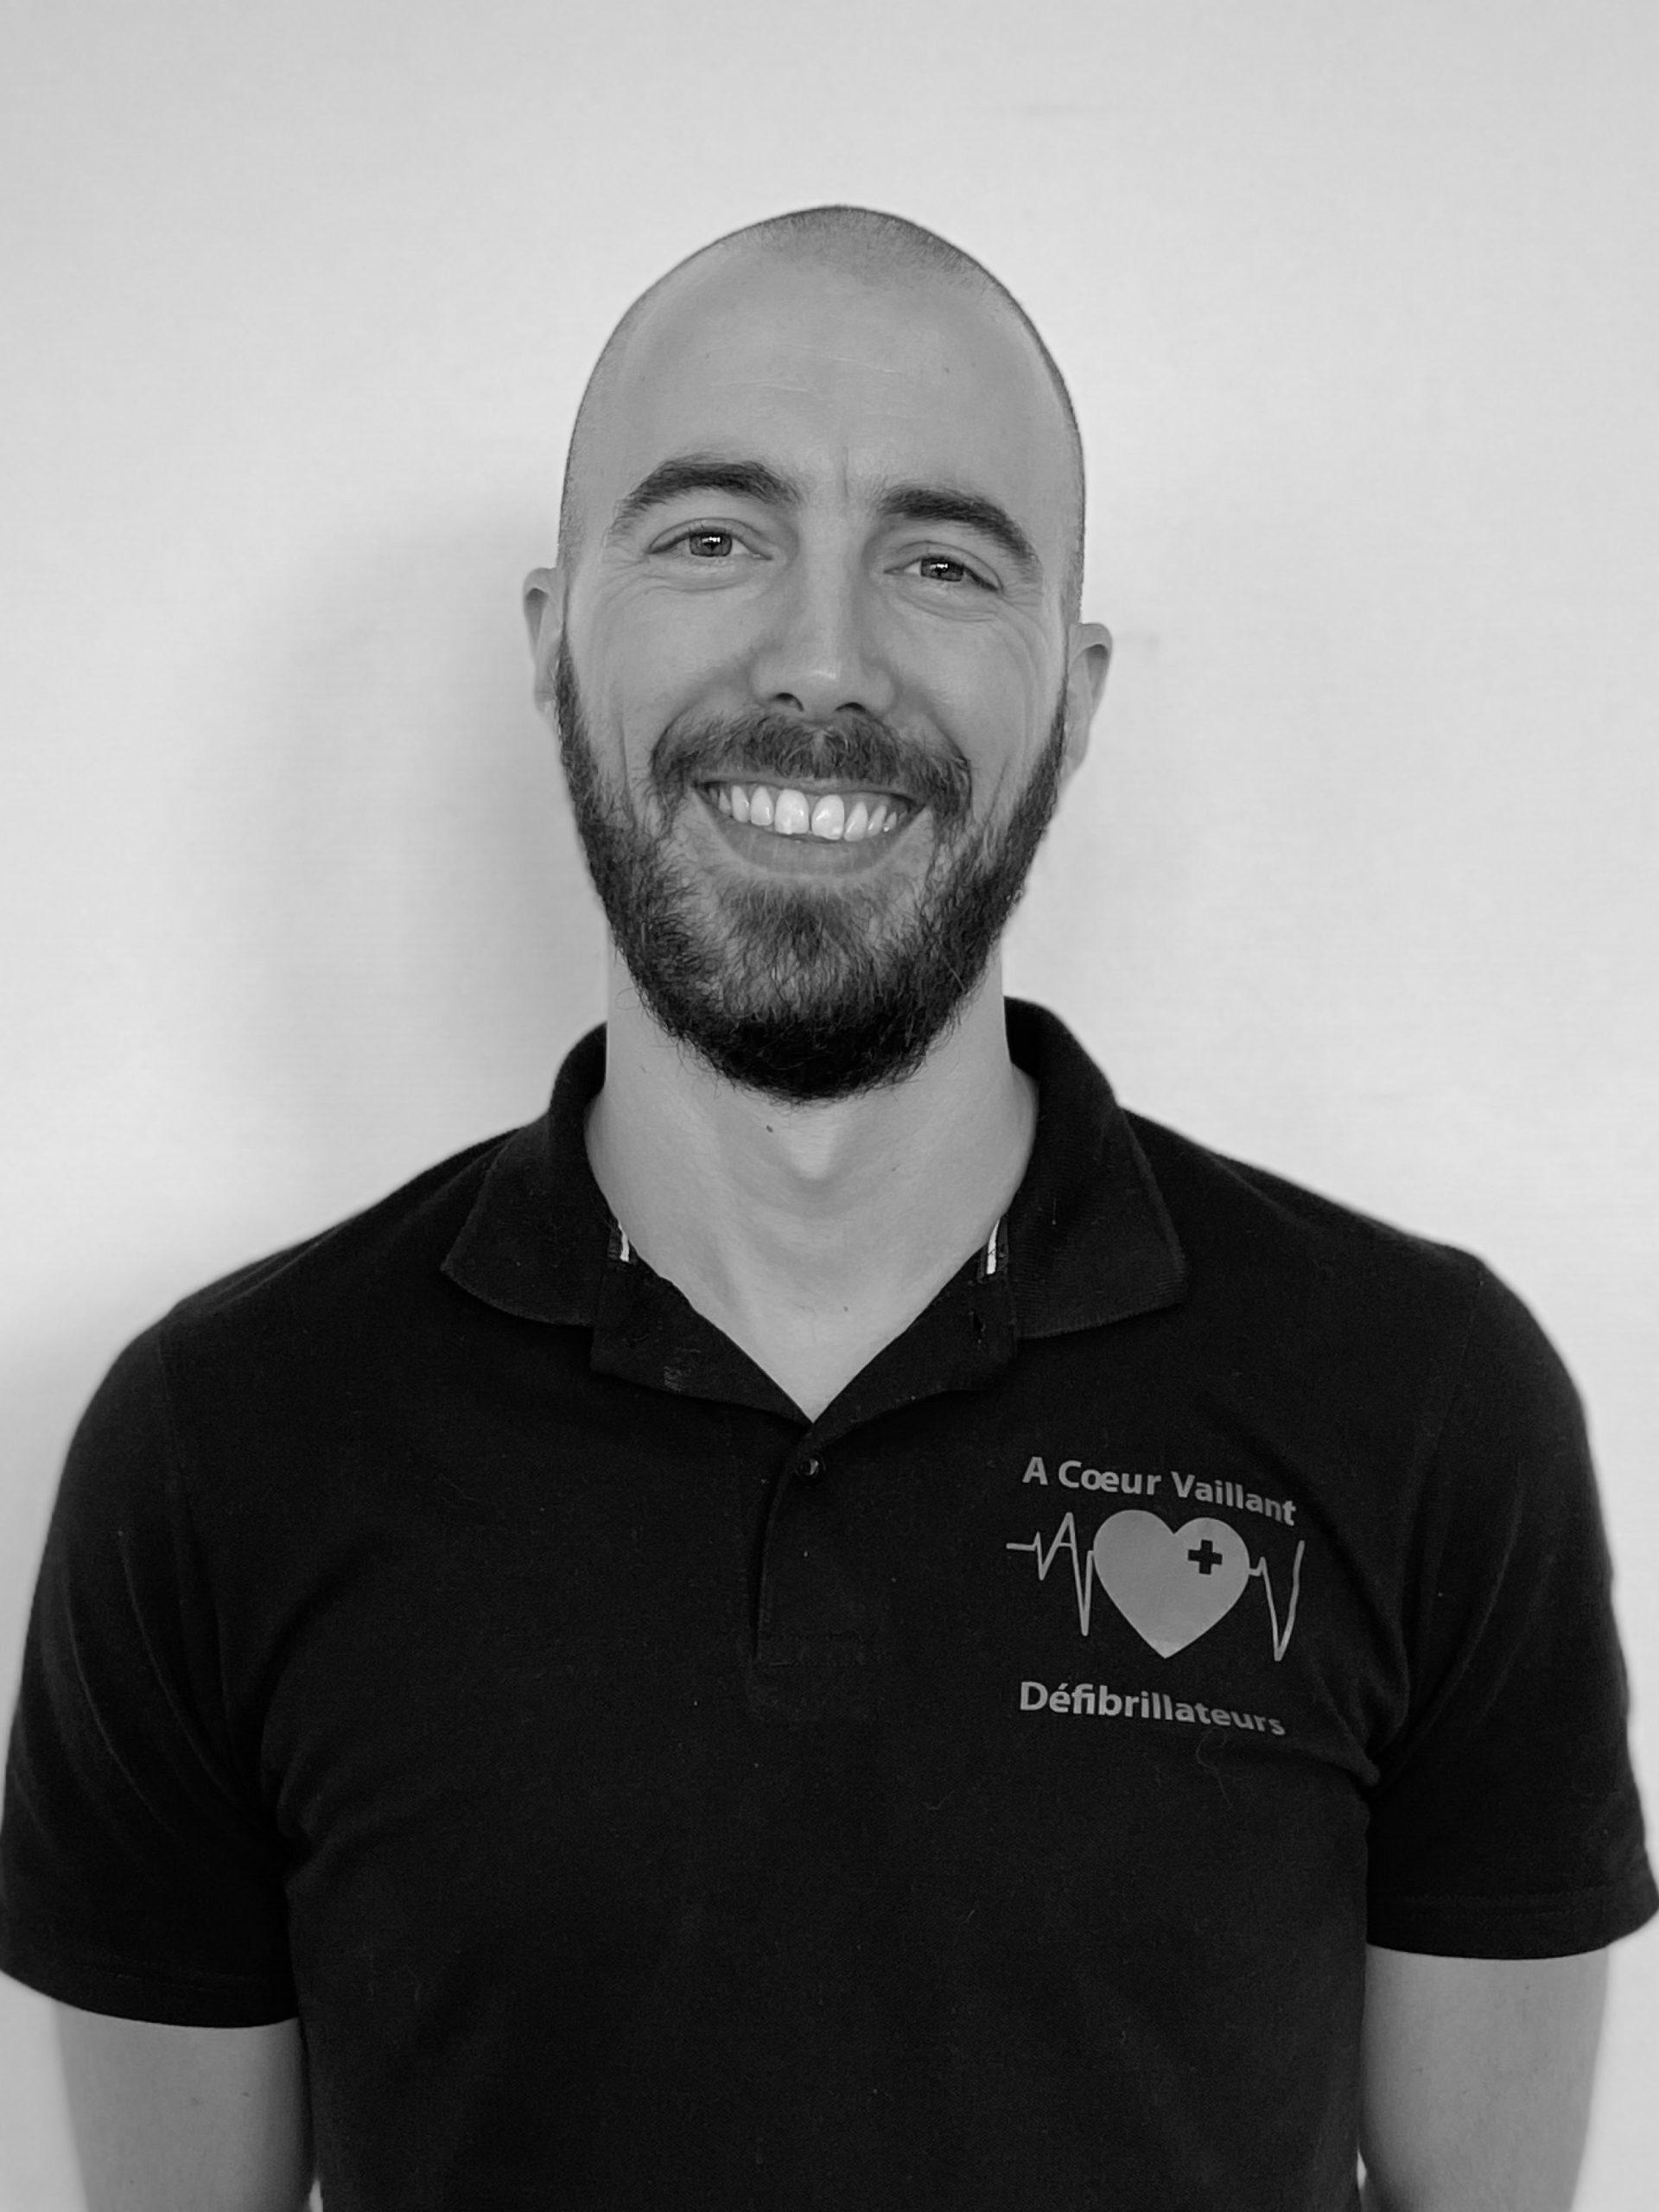 Damien VOGT - Technicien Conseil Formateur Agence Sud-Ouest - A Coeur Vaillant défibrillateurs